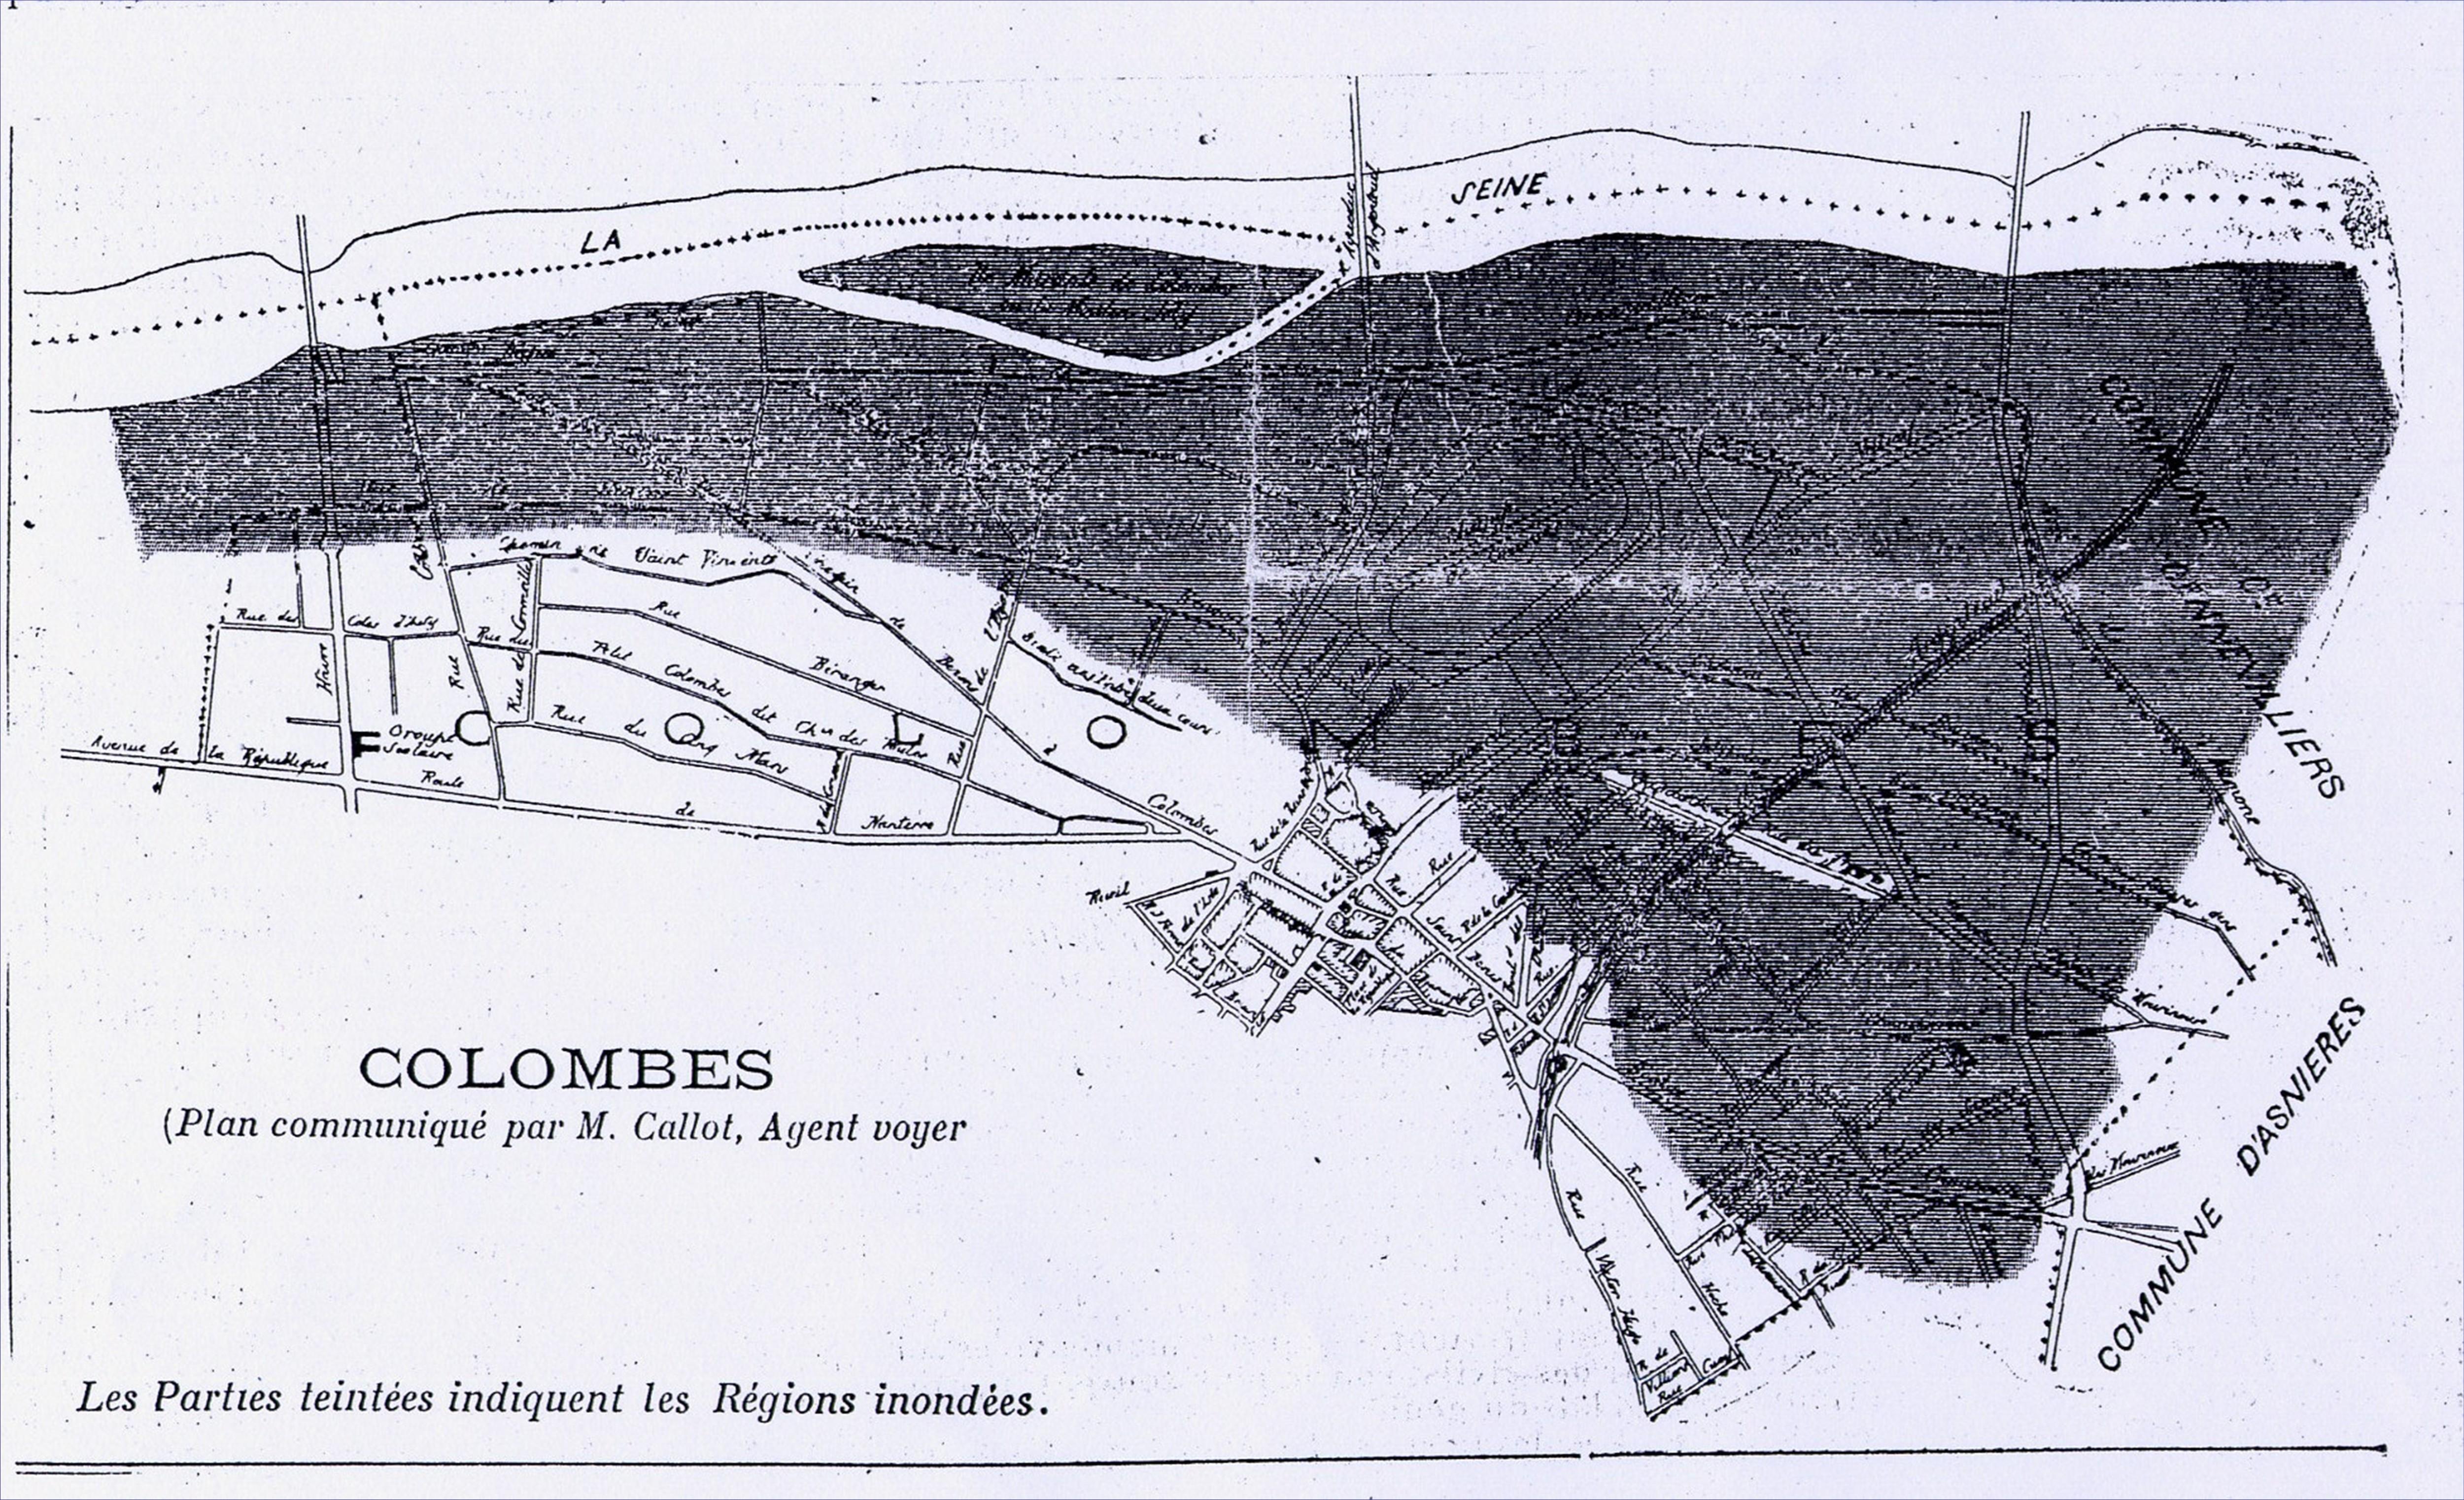 Carte de Colombes pendant les inondations de la Seine en 1910